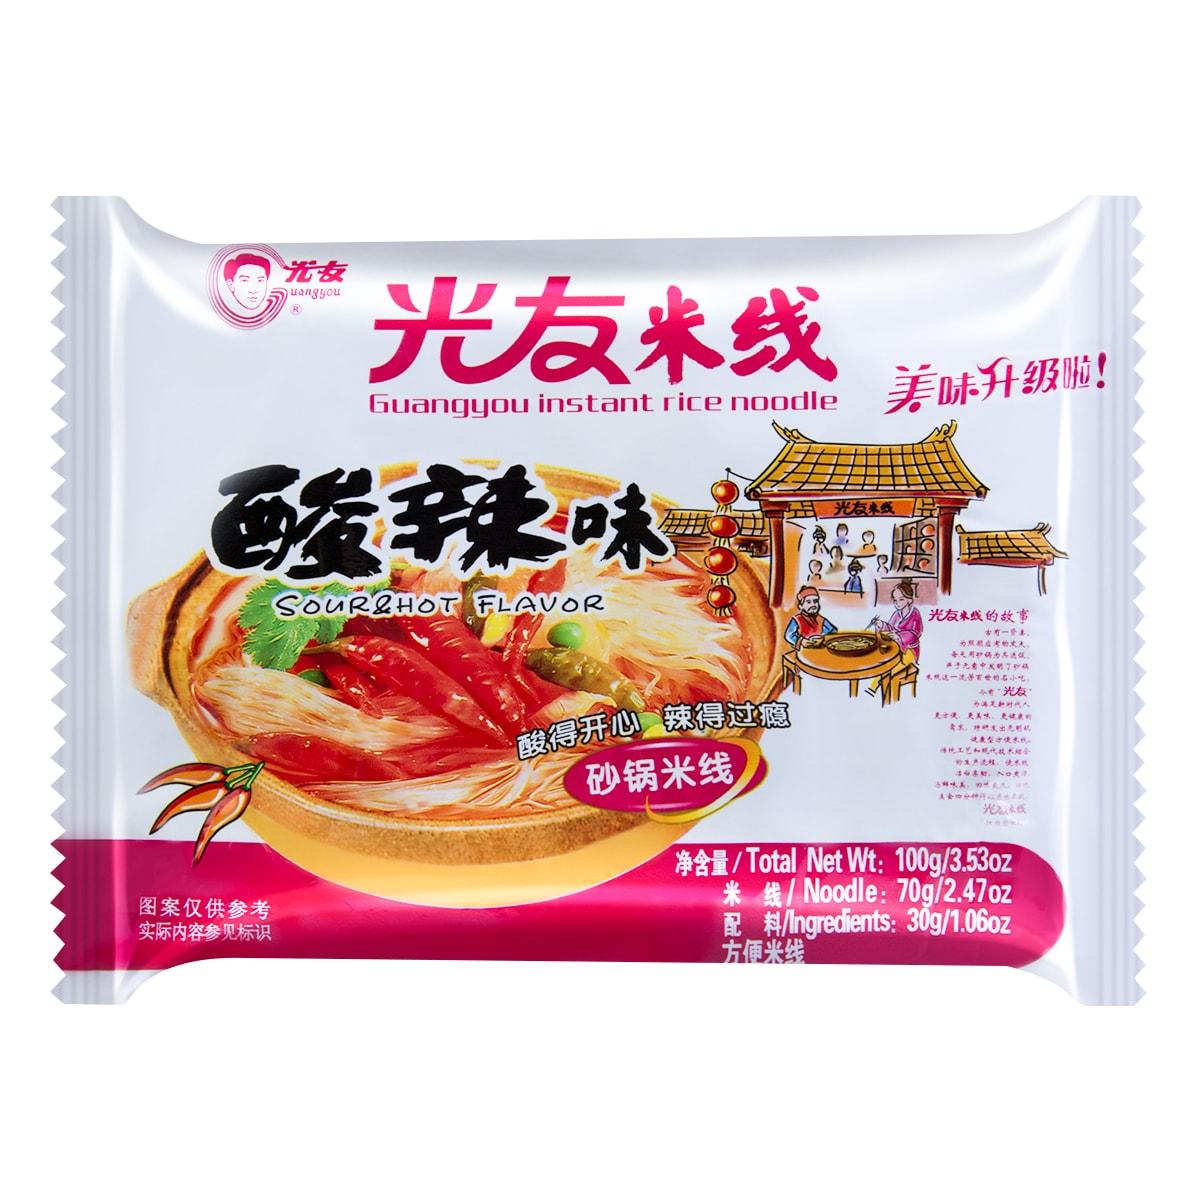 光友 砂锅米线 酸辣味 100g